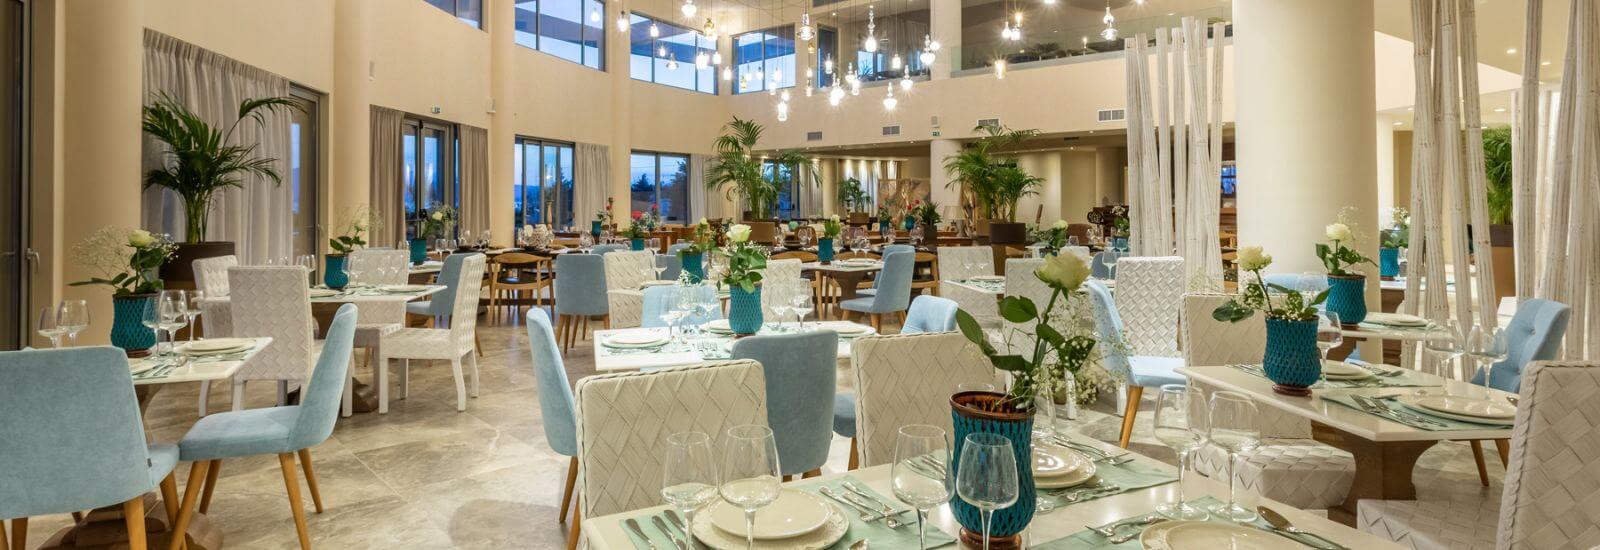 Άνοιξε νέο 5άστερο ξενoδοχείο στην Καλαμάτα 11